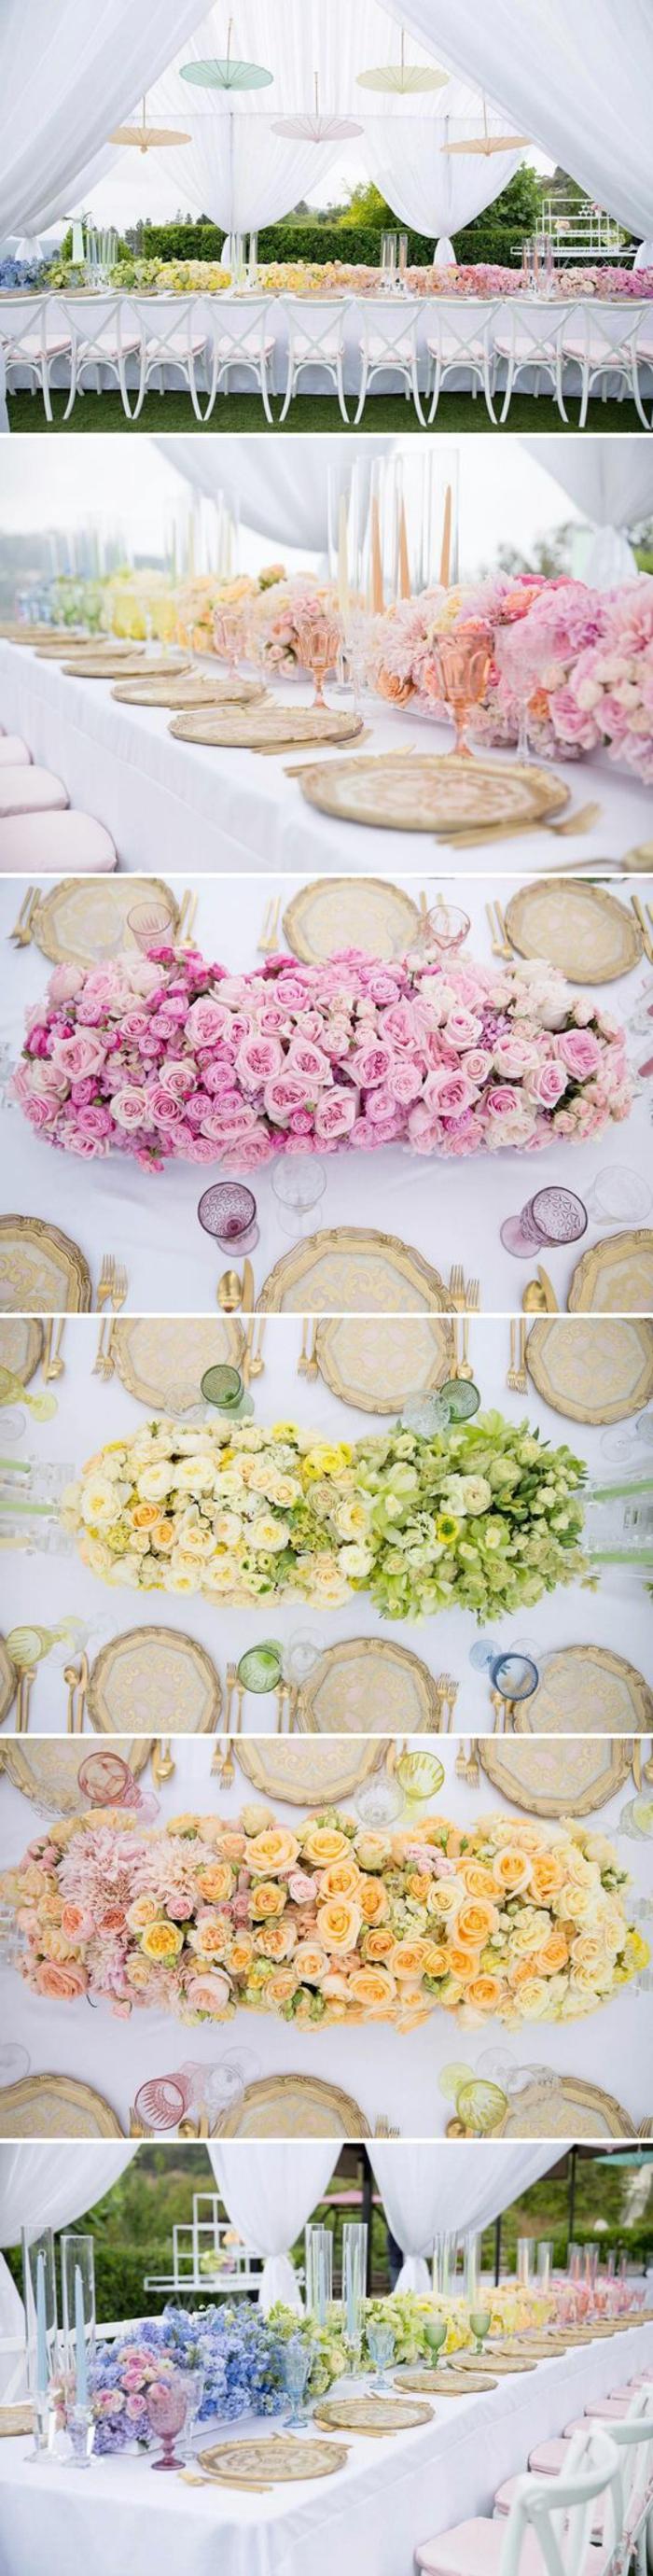 dekotipps, hochzeisdeko, langer tisch dekoriert mit blumen in verschiedenen farben